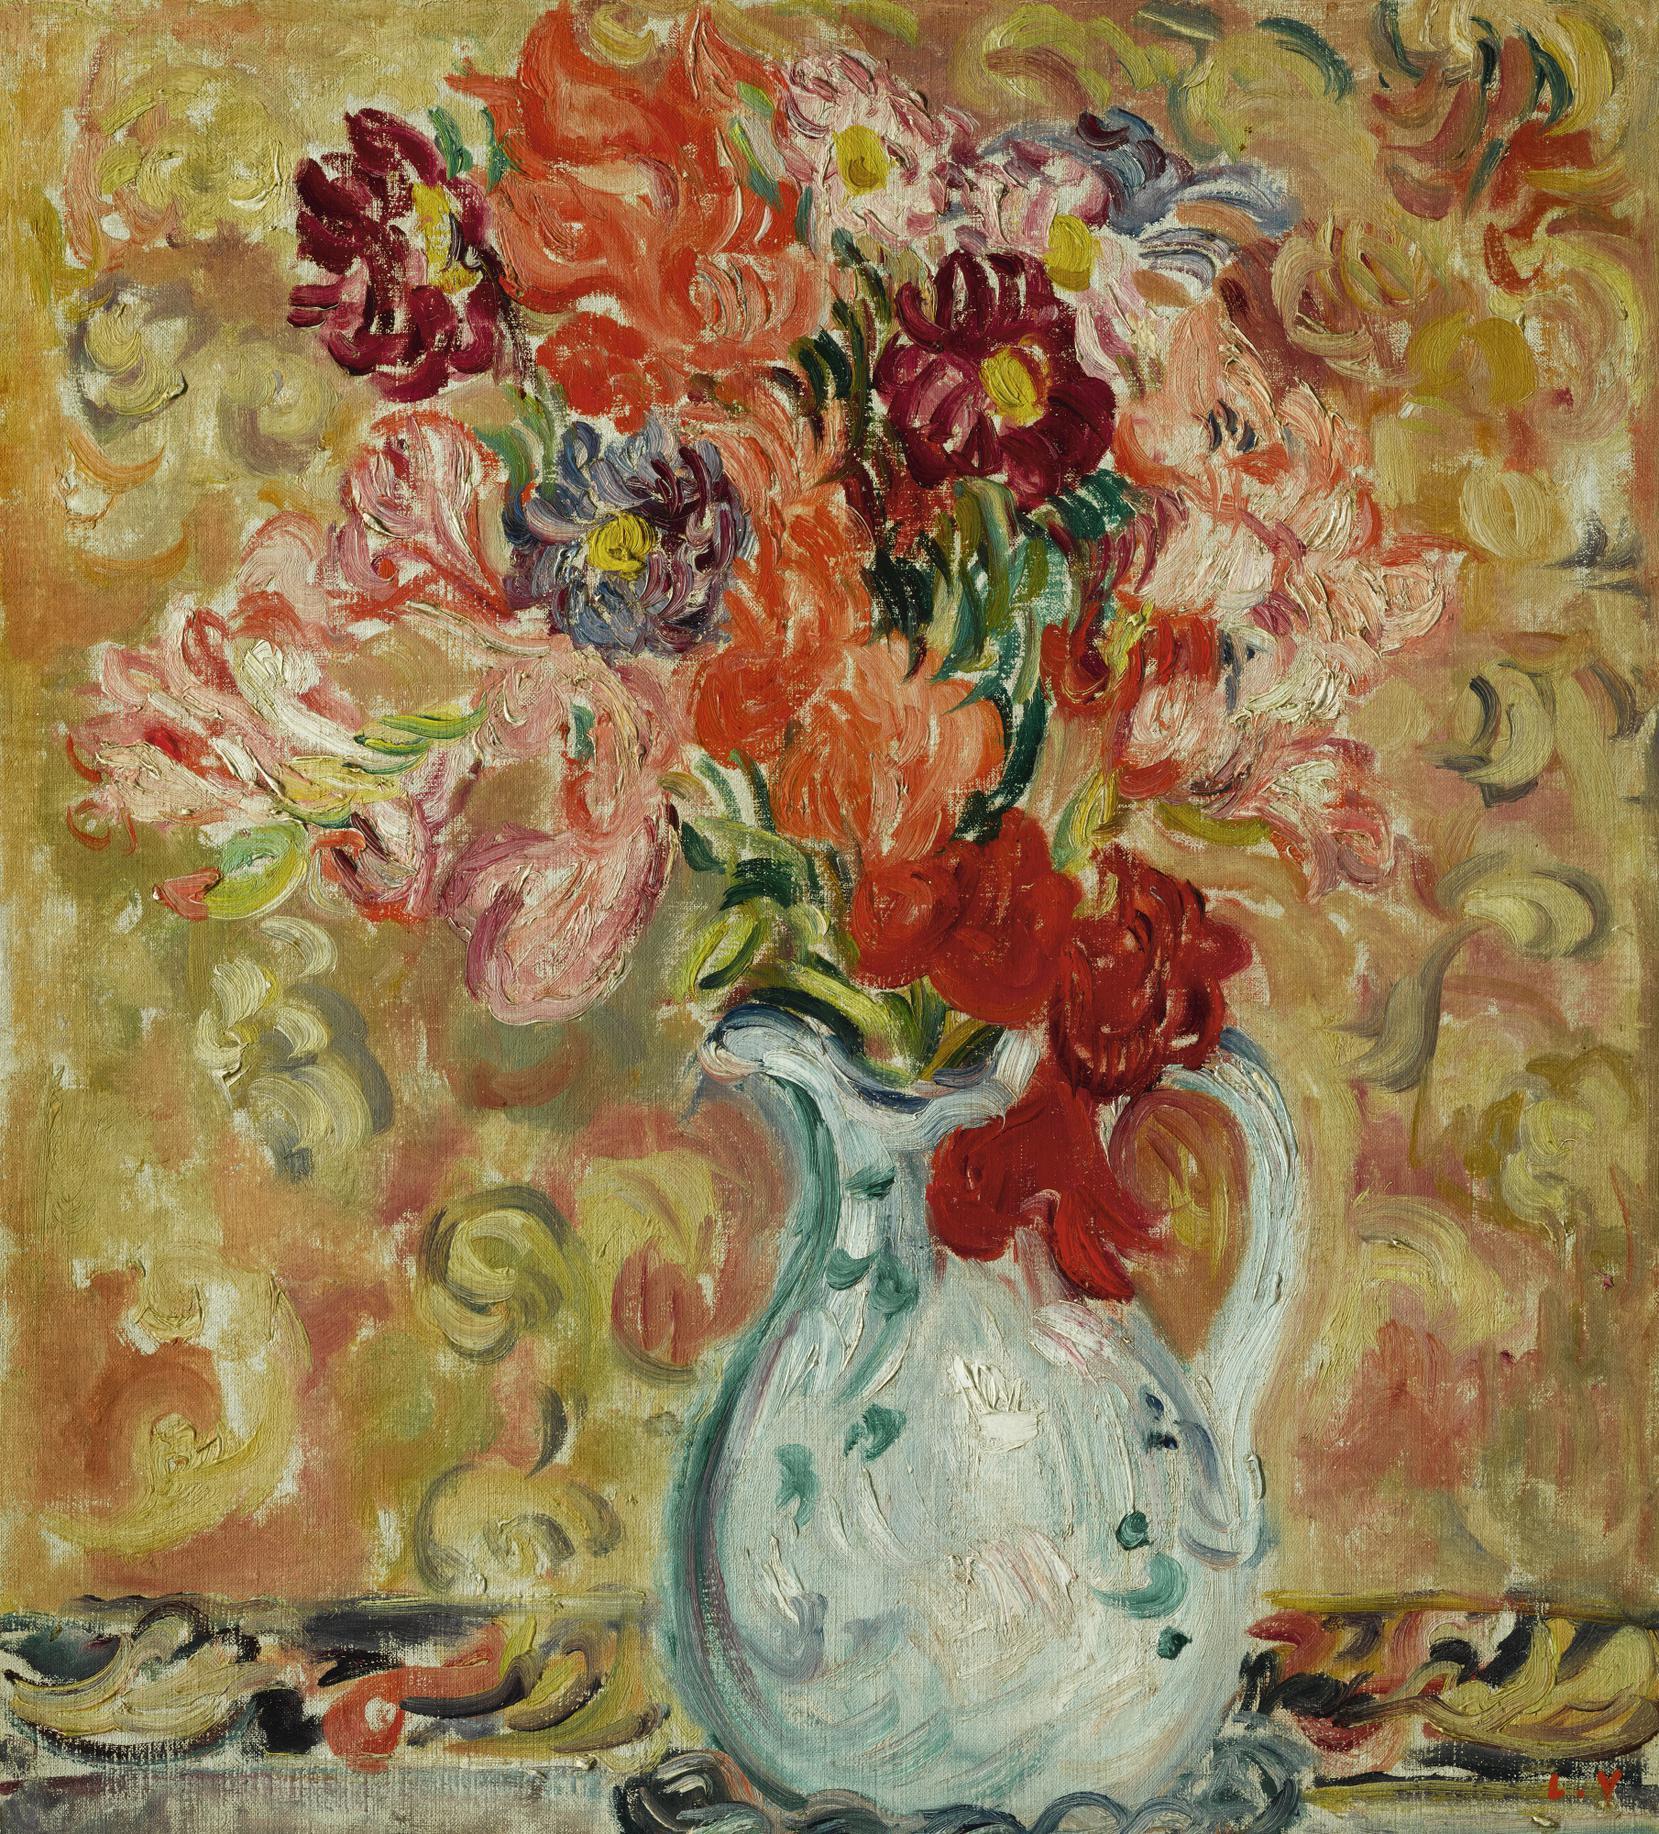 Louis Valtat-Fleurs A La Cruche Blanche-1908